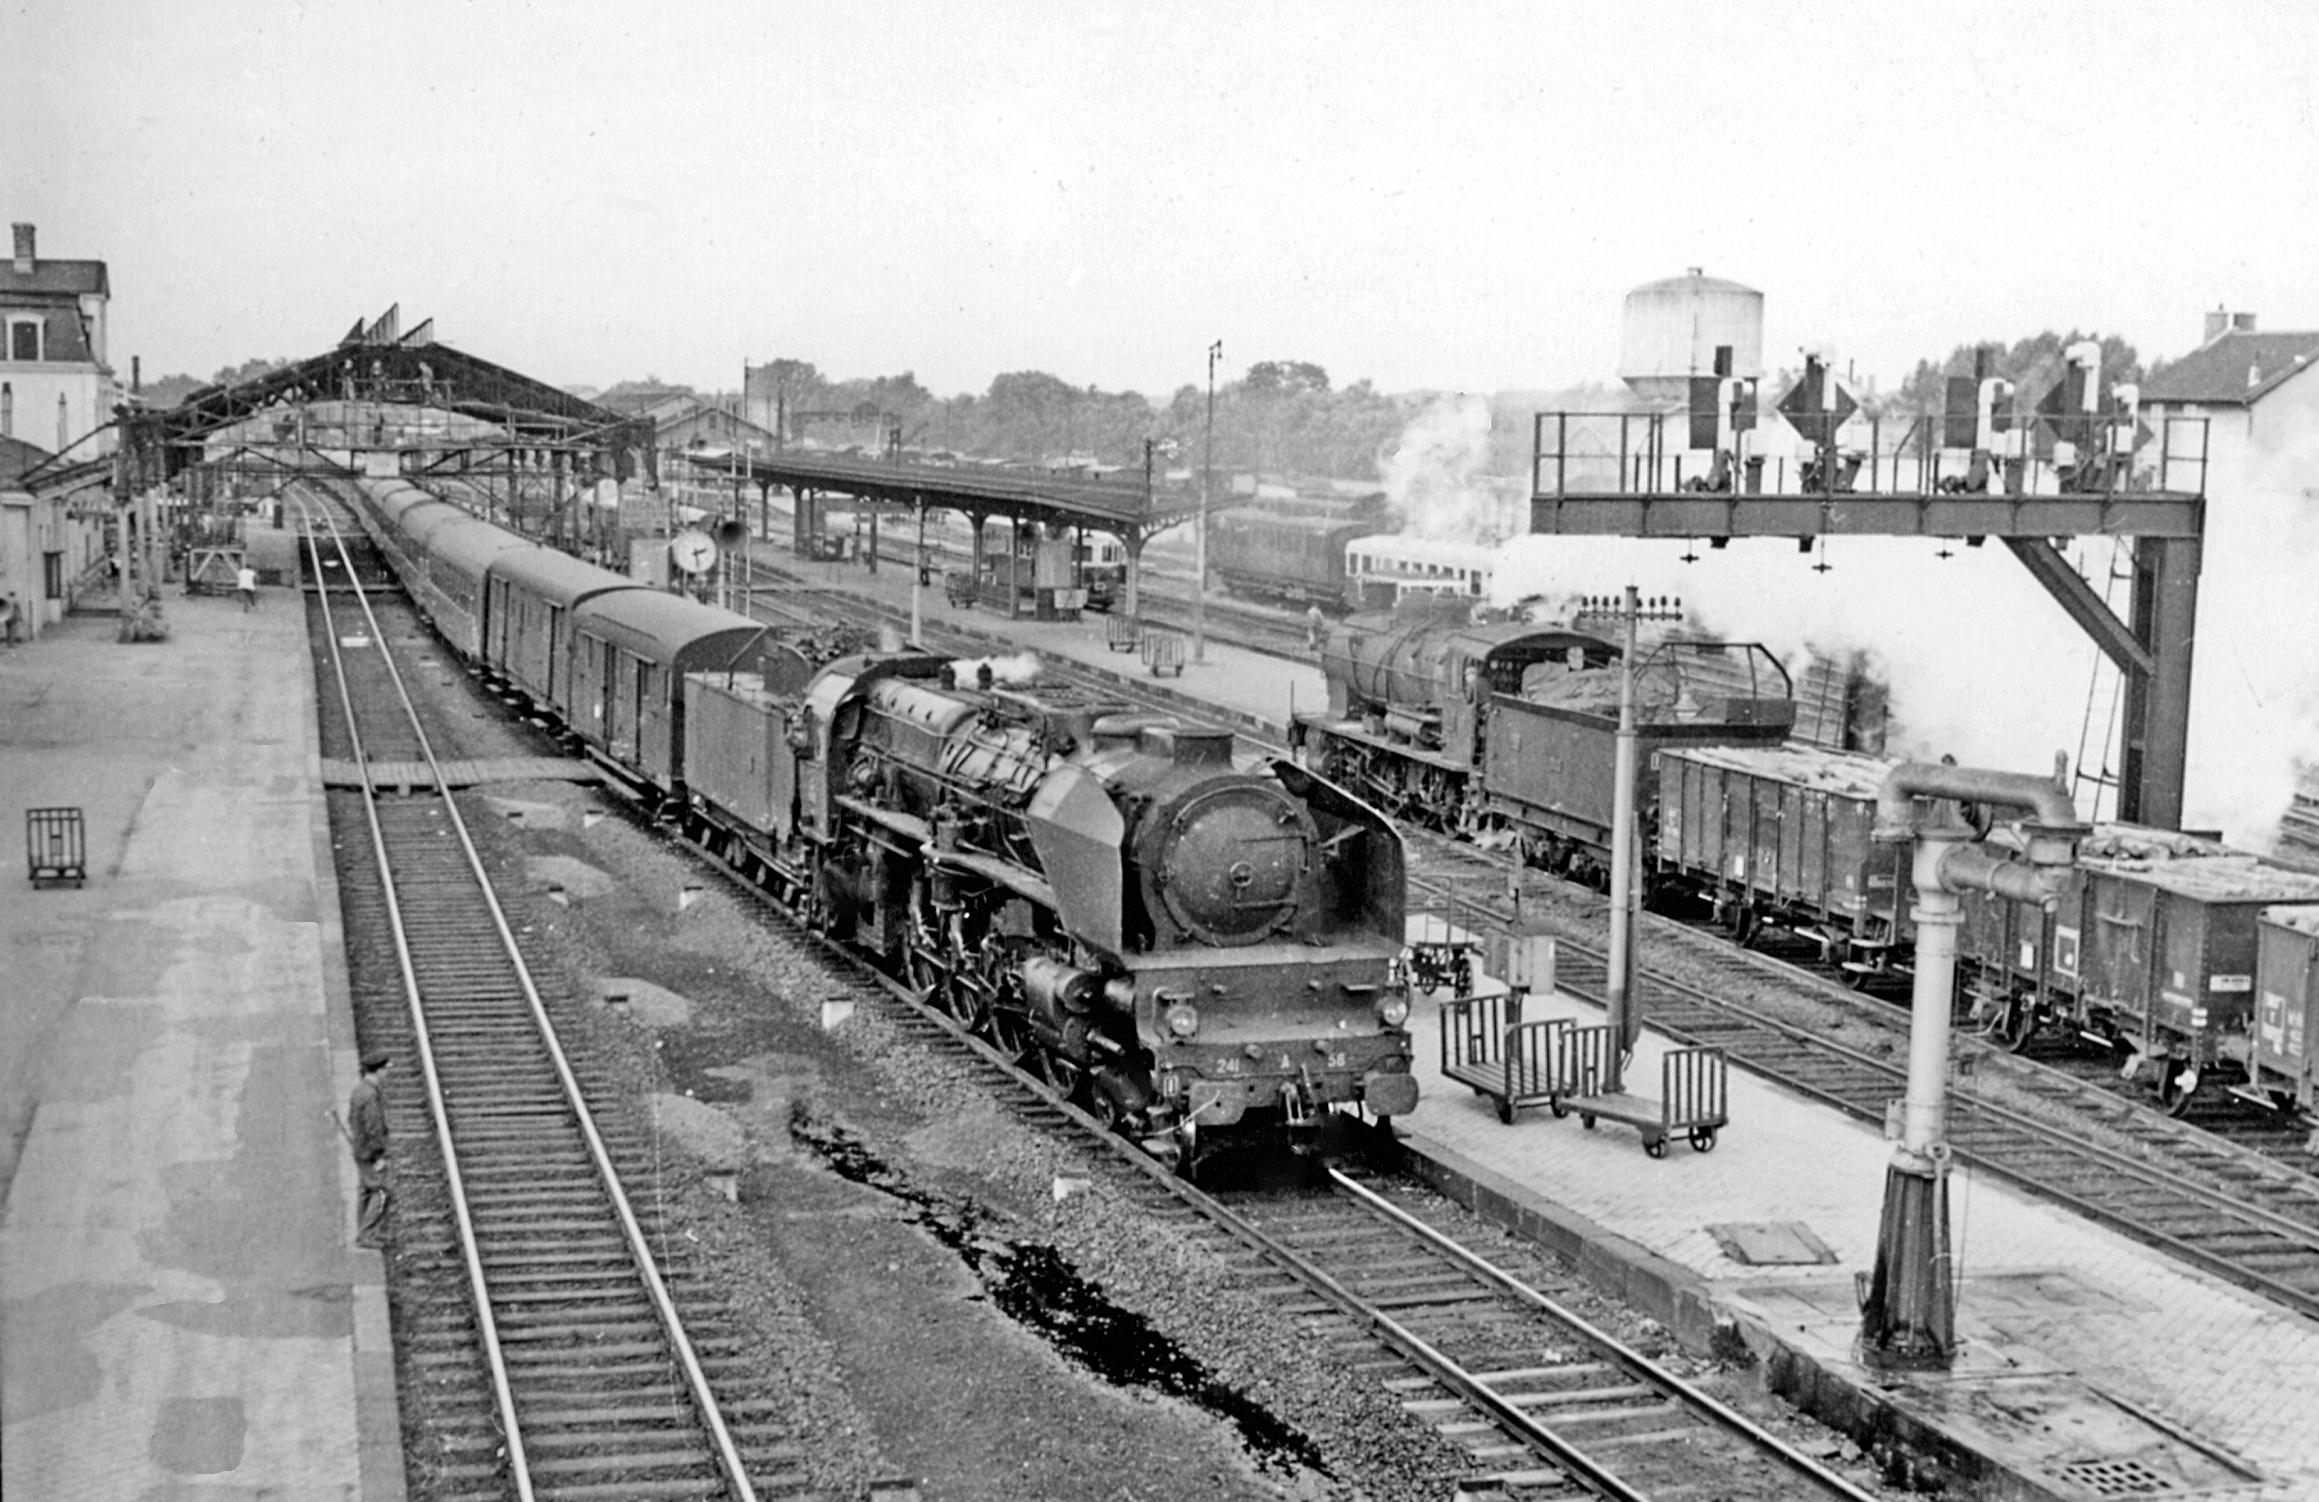 Un express tracté par une 241 A en gare de Châlons-sur-Marne, 23 Septembre 1958. En face une 2-8-0 tractant du fret depuis Troyes. Crédit CC/ wiki du médecin retraité Ben Brooksbank.